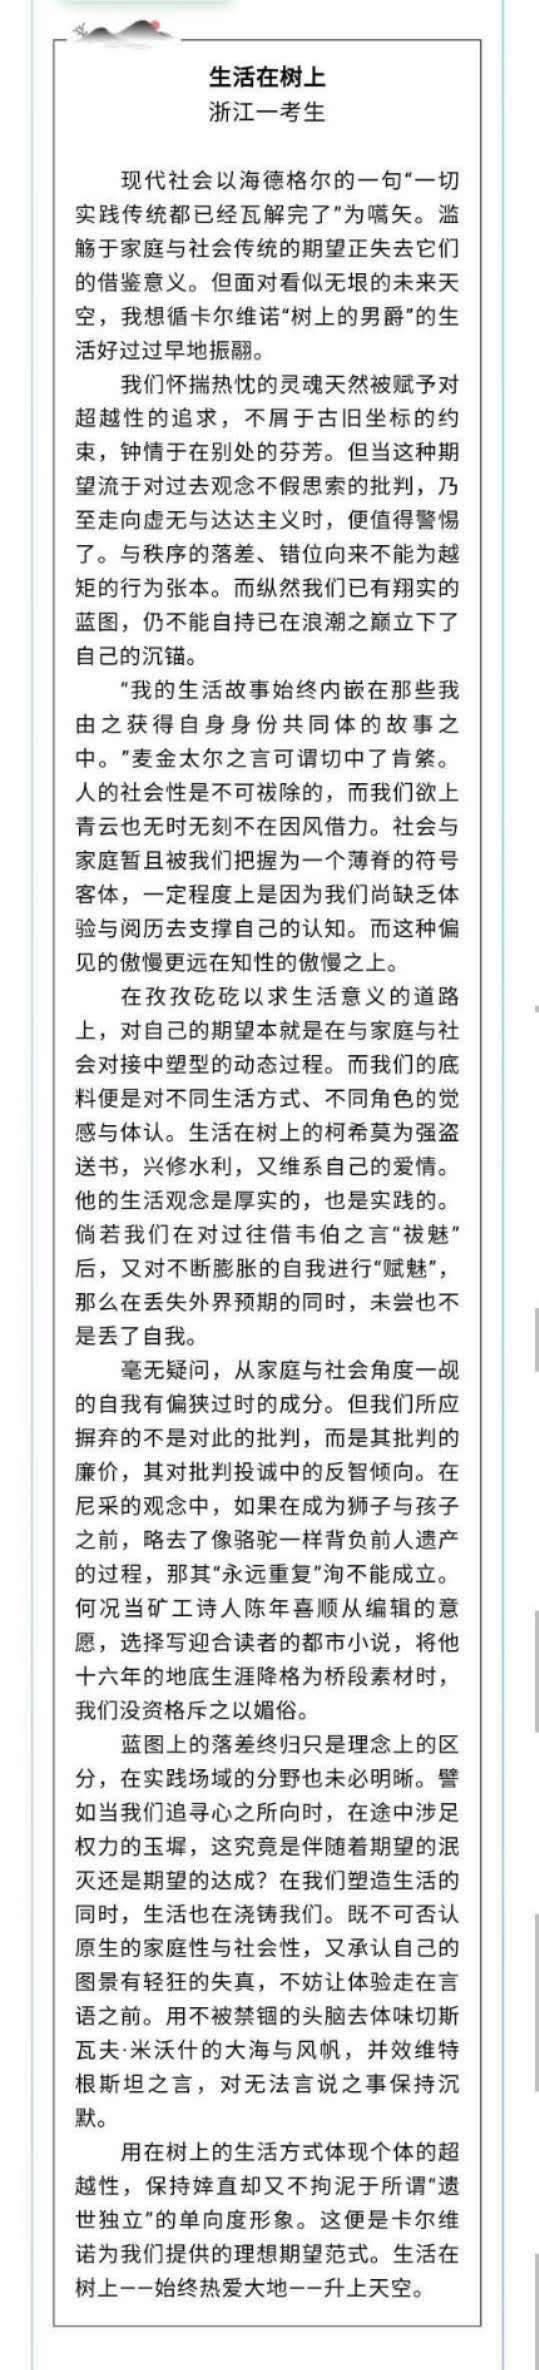 """浙江高考满分作文被指晦涩难懂,阅卷组长:得分""""恰如其分"""""""